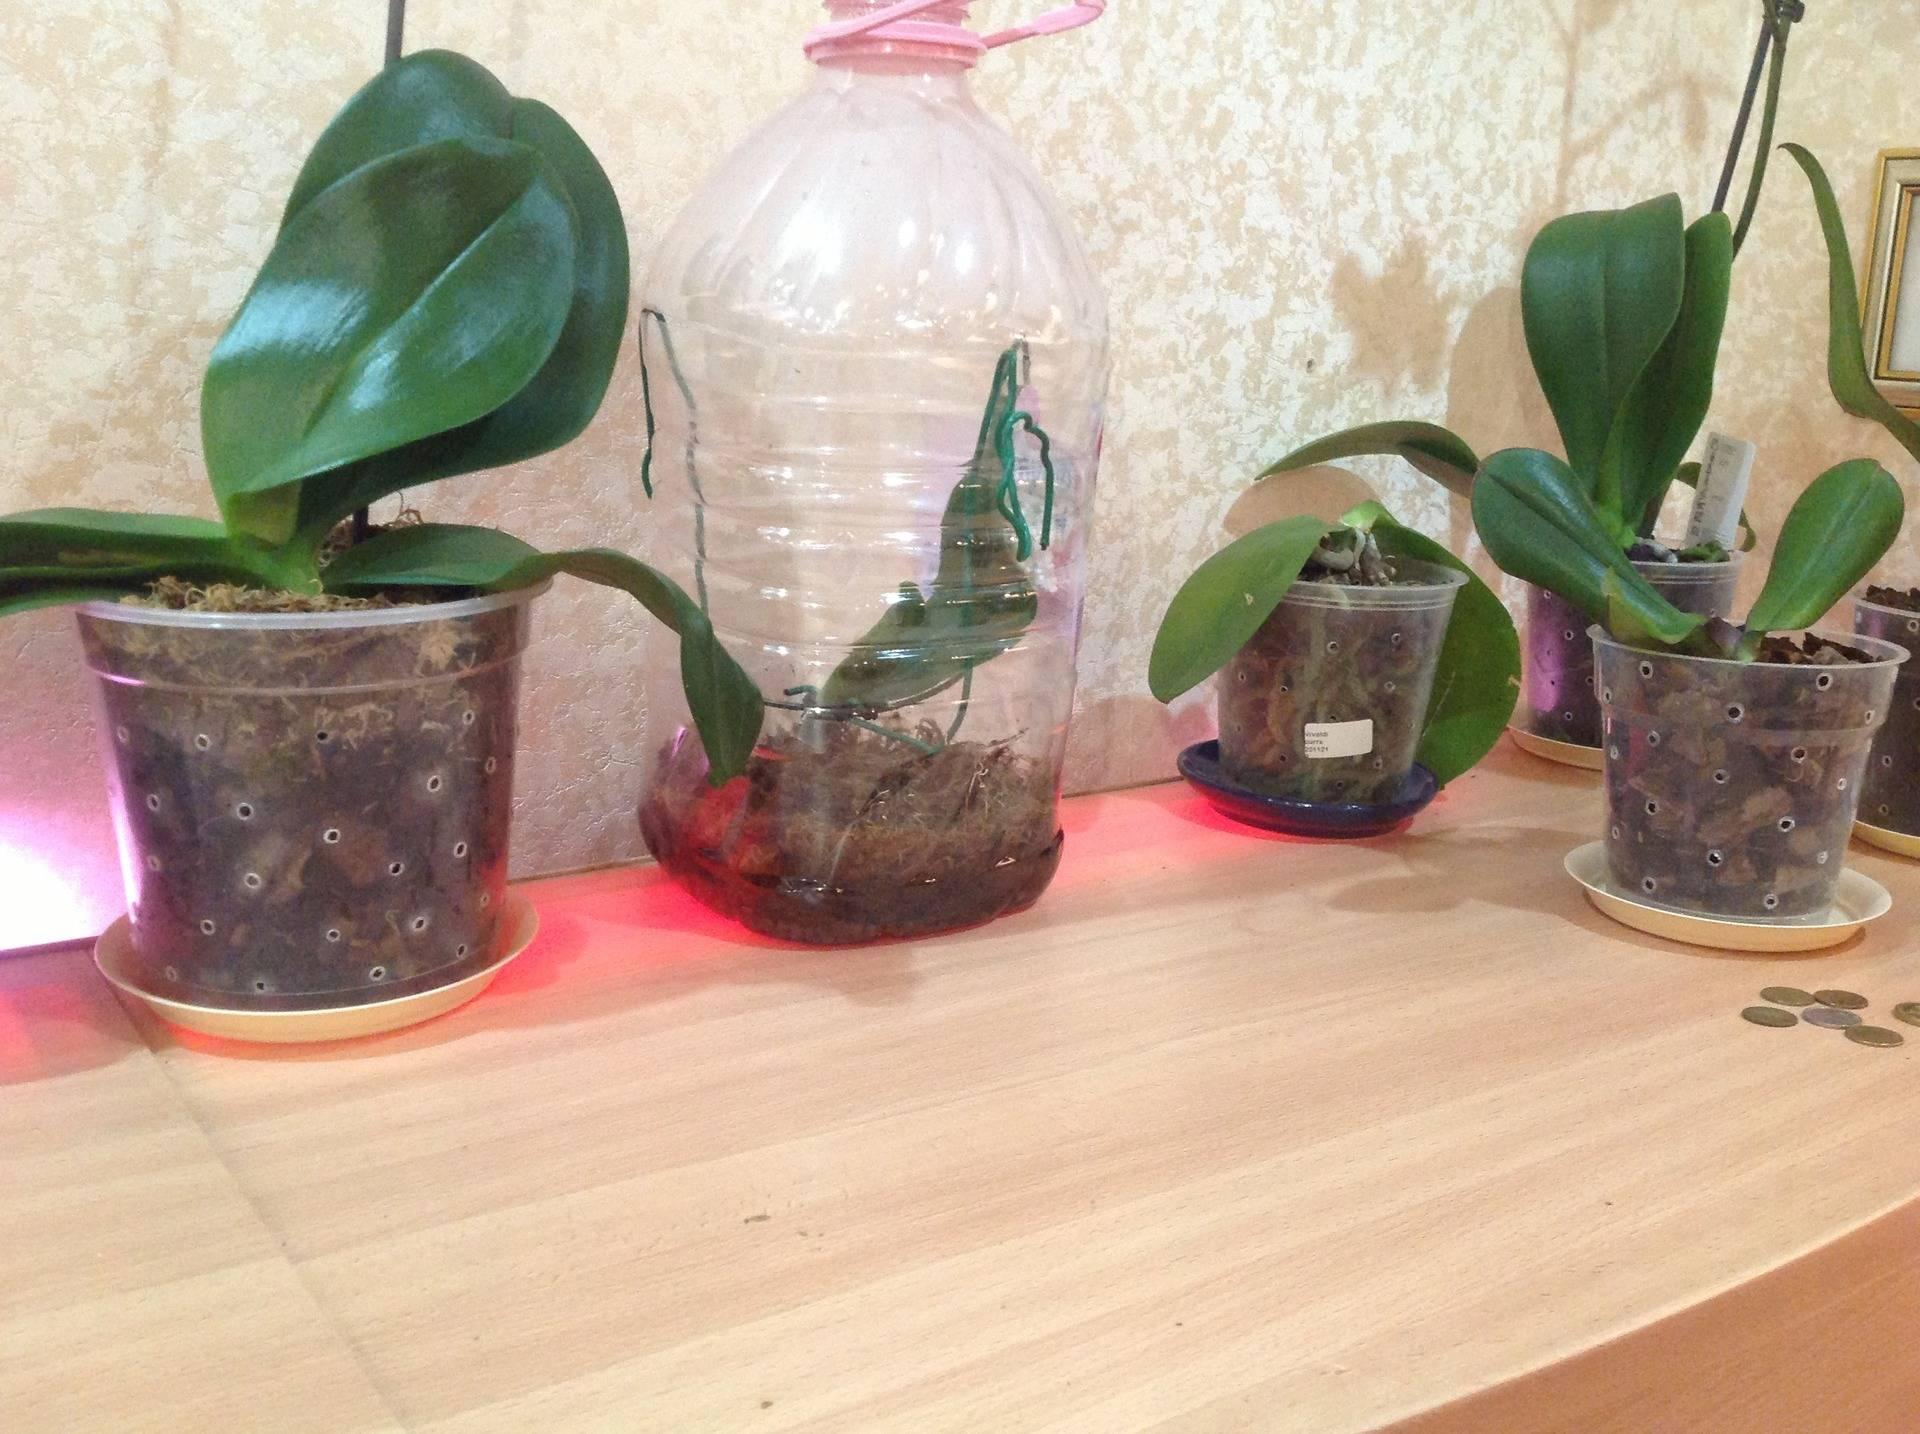 Экстренная реанимация орхидеи! беру в руки активированный уголь.